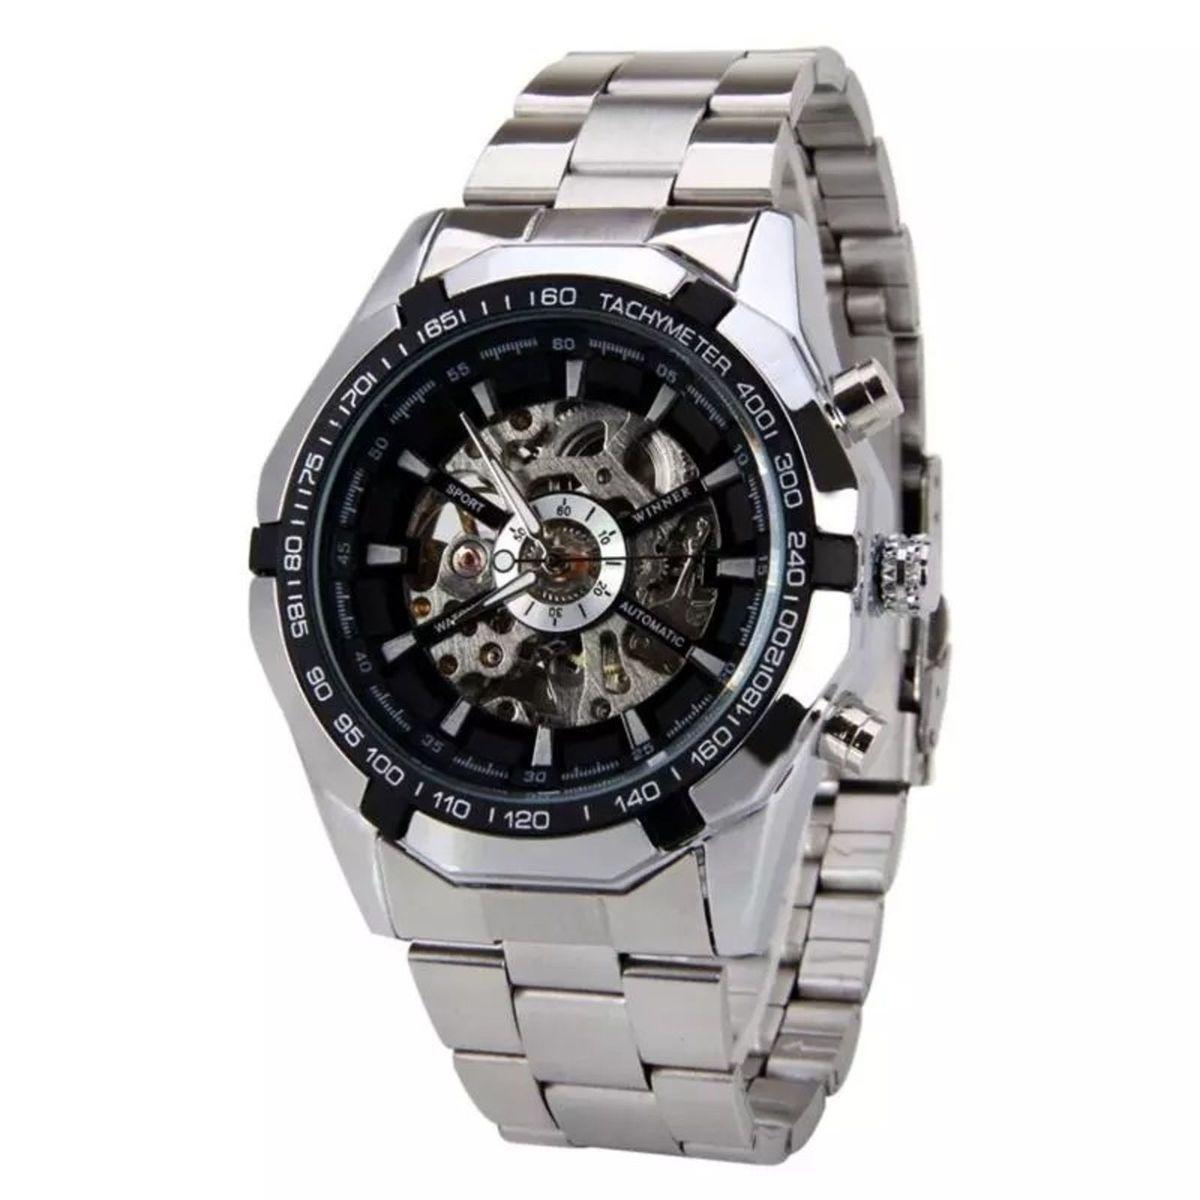 db983128818 Relógio Winner Skeleton Automático Original